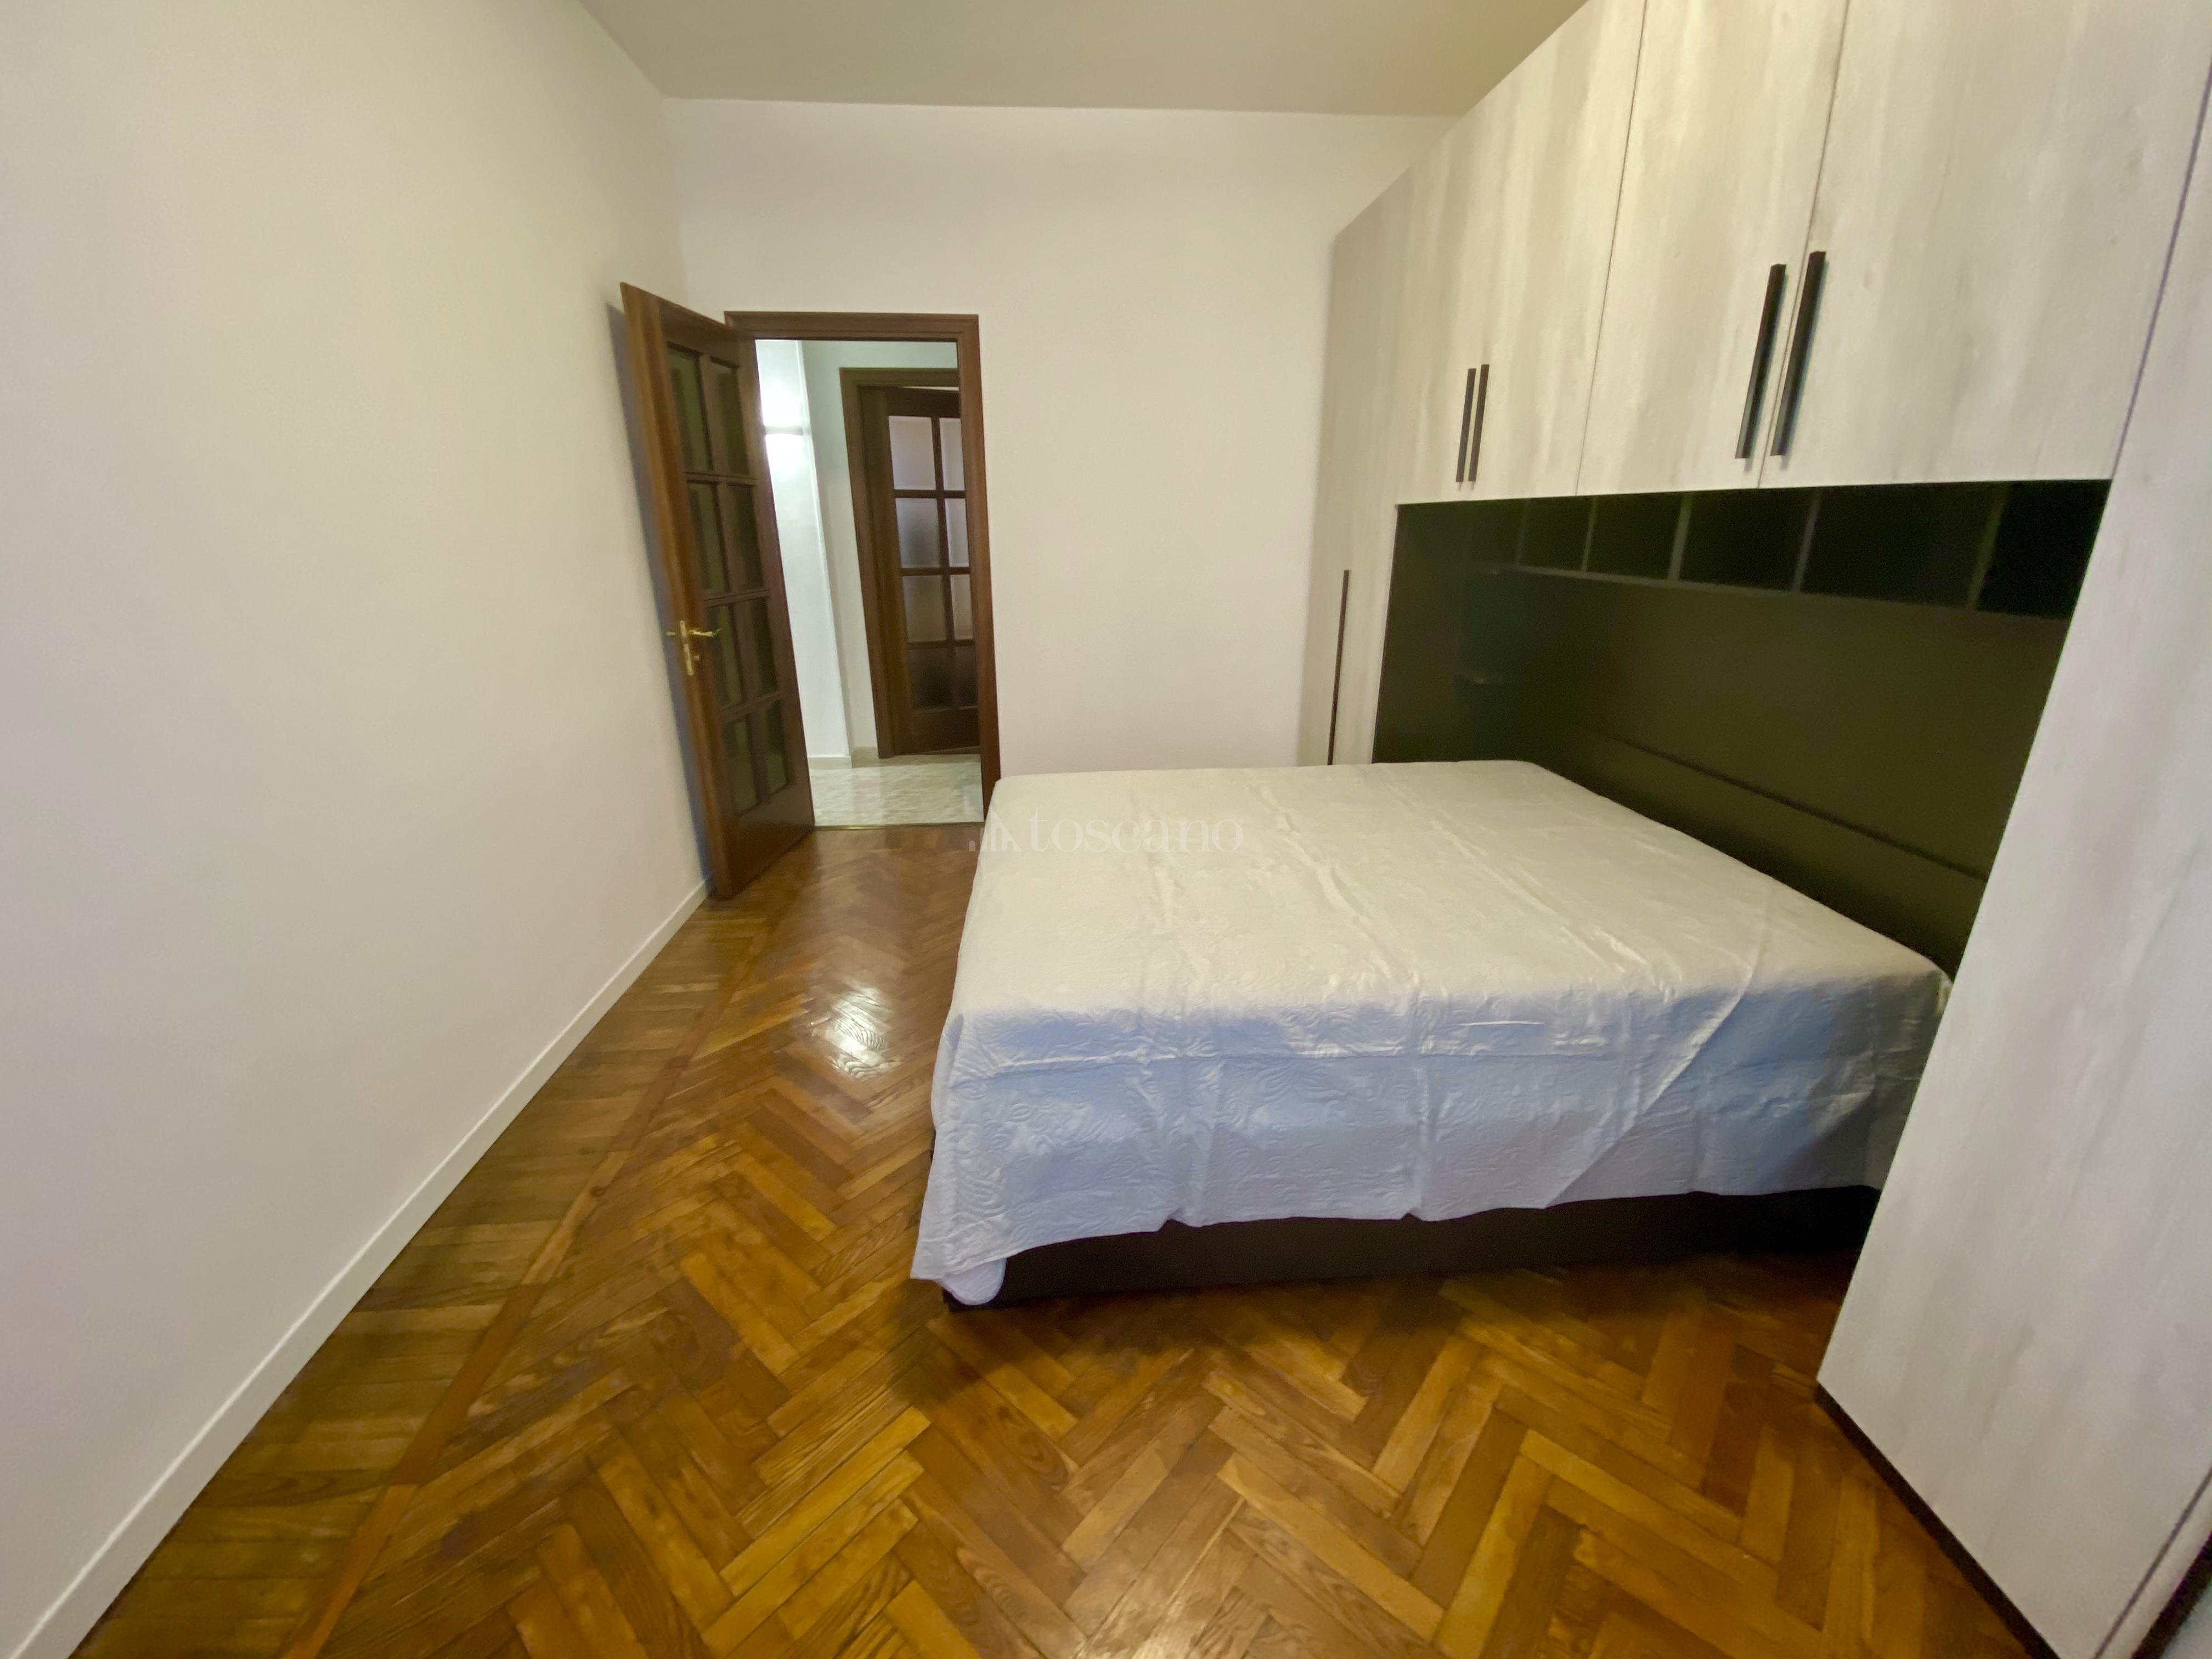 Camere Da Letto Lodi affitto casa a milano in viale lucania, corso lodi 32/2020